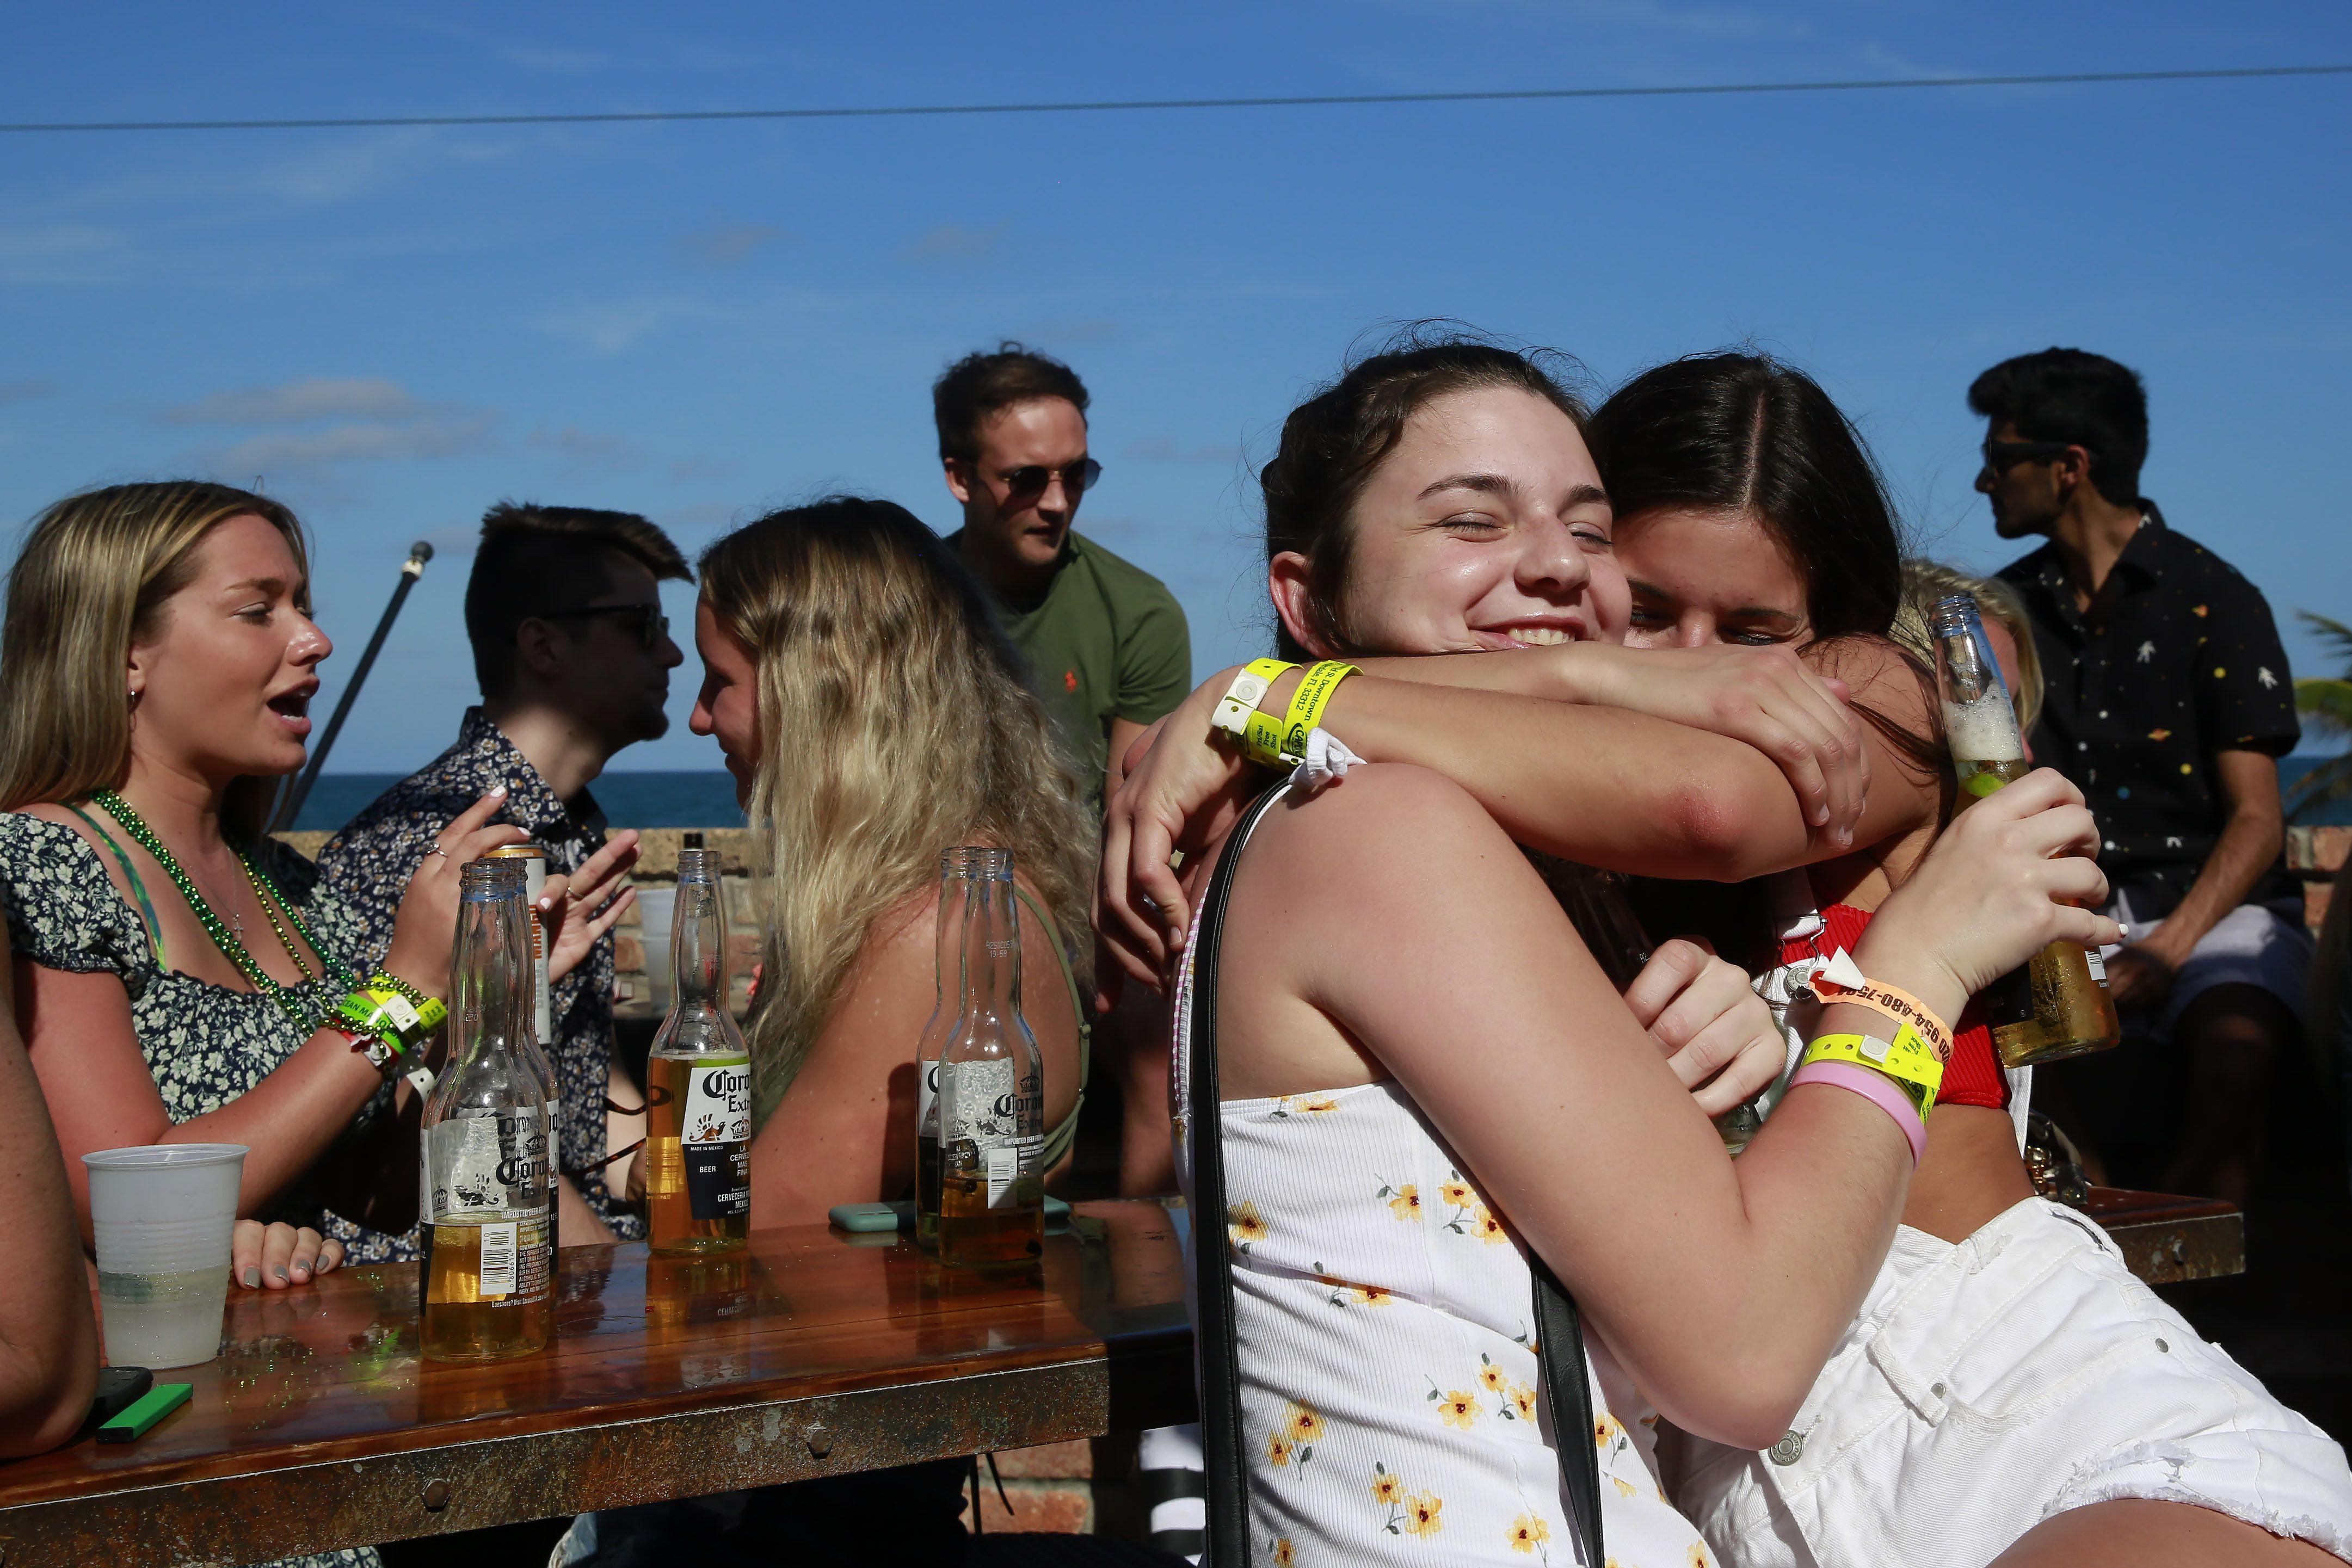 Un grupo de jóvenes de fiesta en Fort Lauderdale, Florida, en medio de la cuarentena (AP/Brynn Anderson)